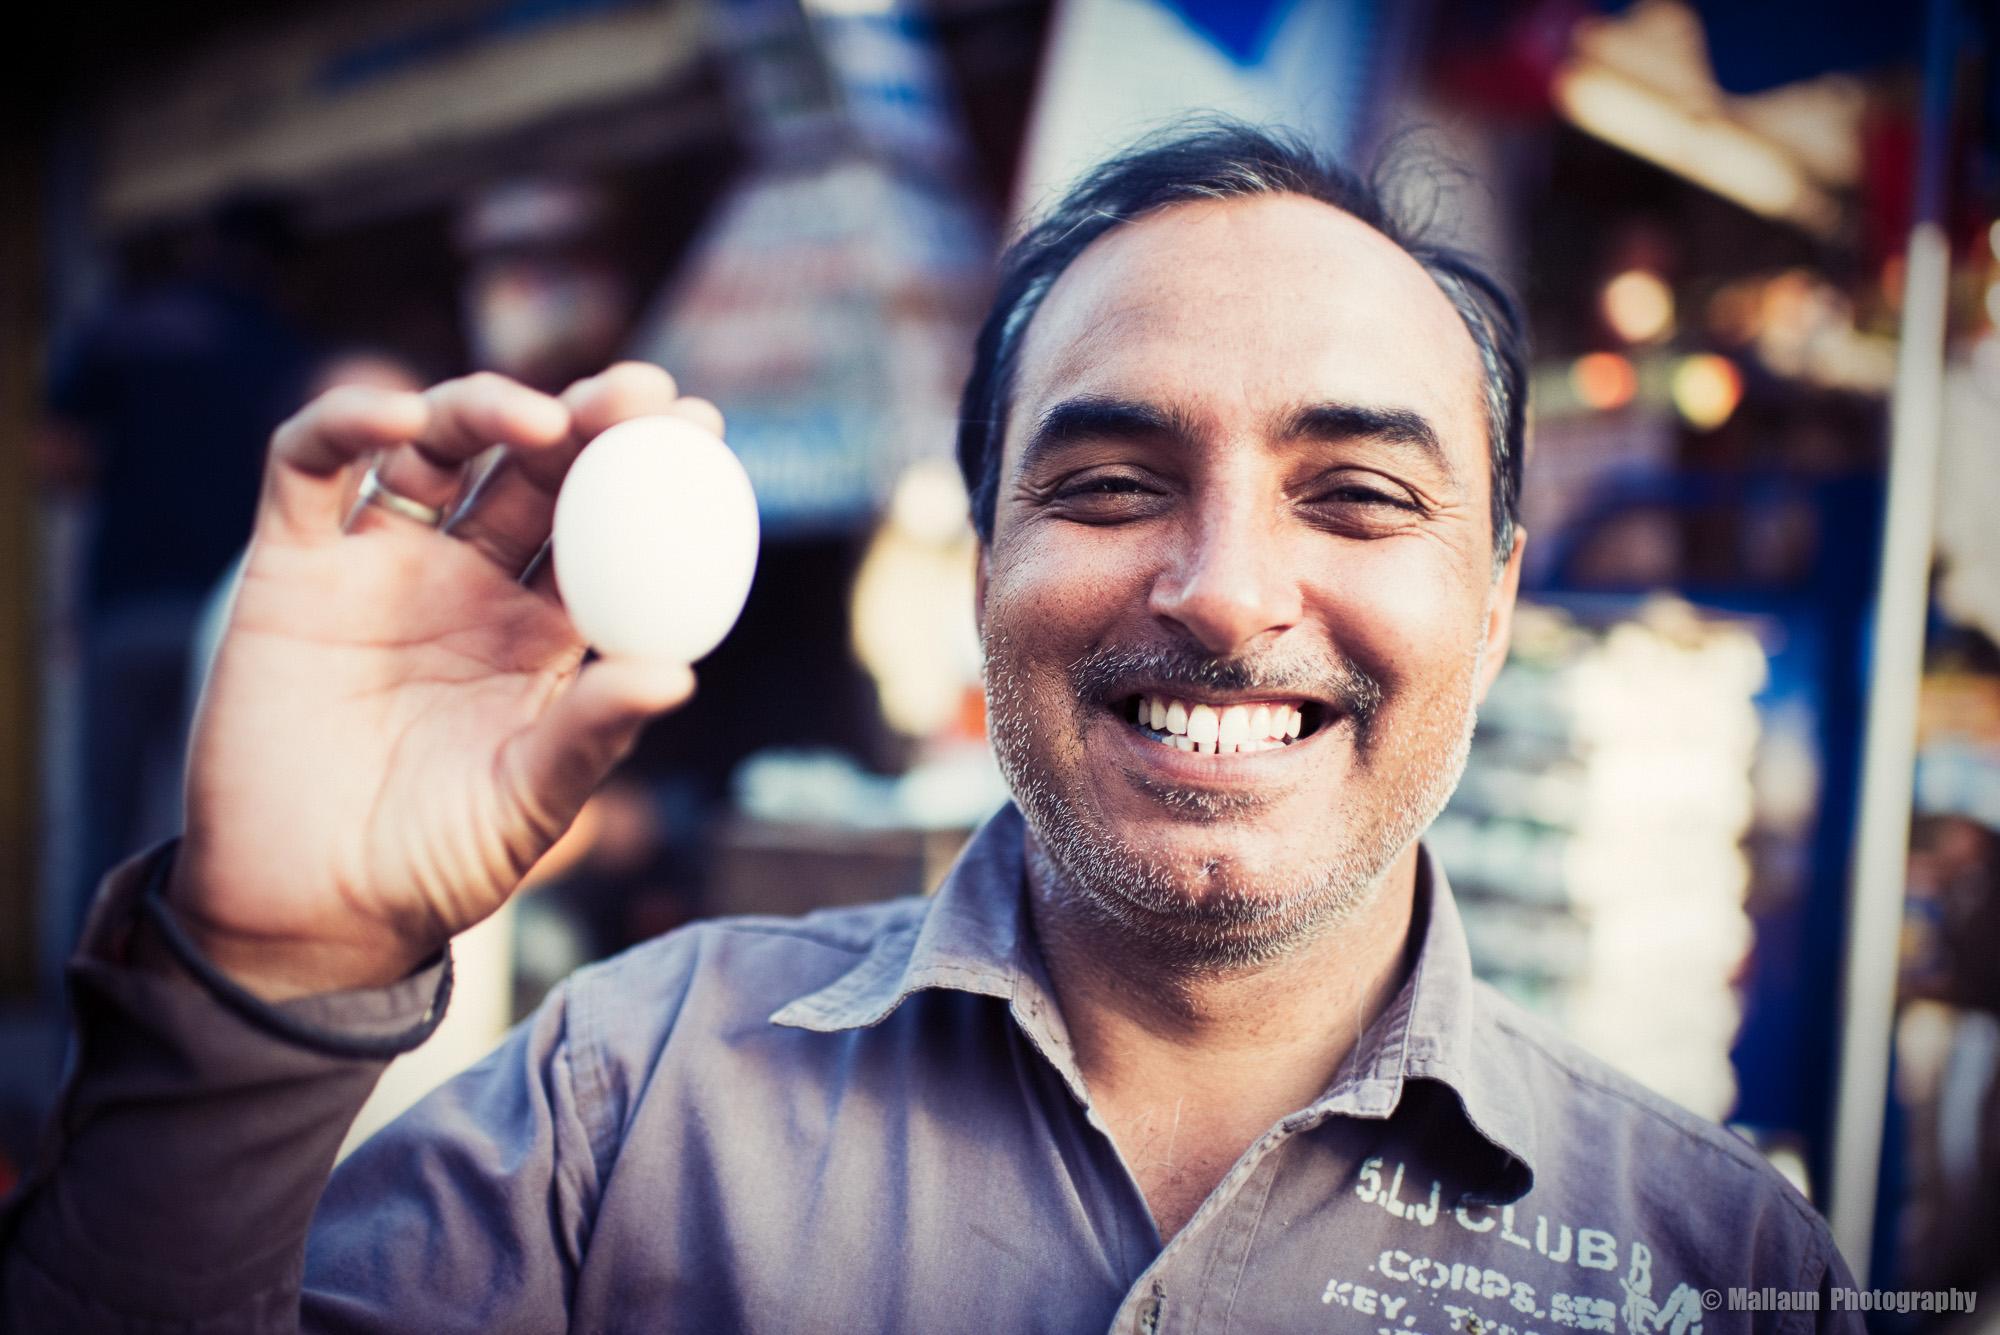 Shyam – der jüngere der beiden Gawlani-Brüder. Mit ihm steht nun die zweite Generation am Omelette-Stand © Mallaun Photography